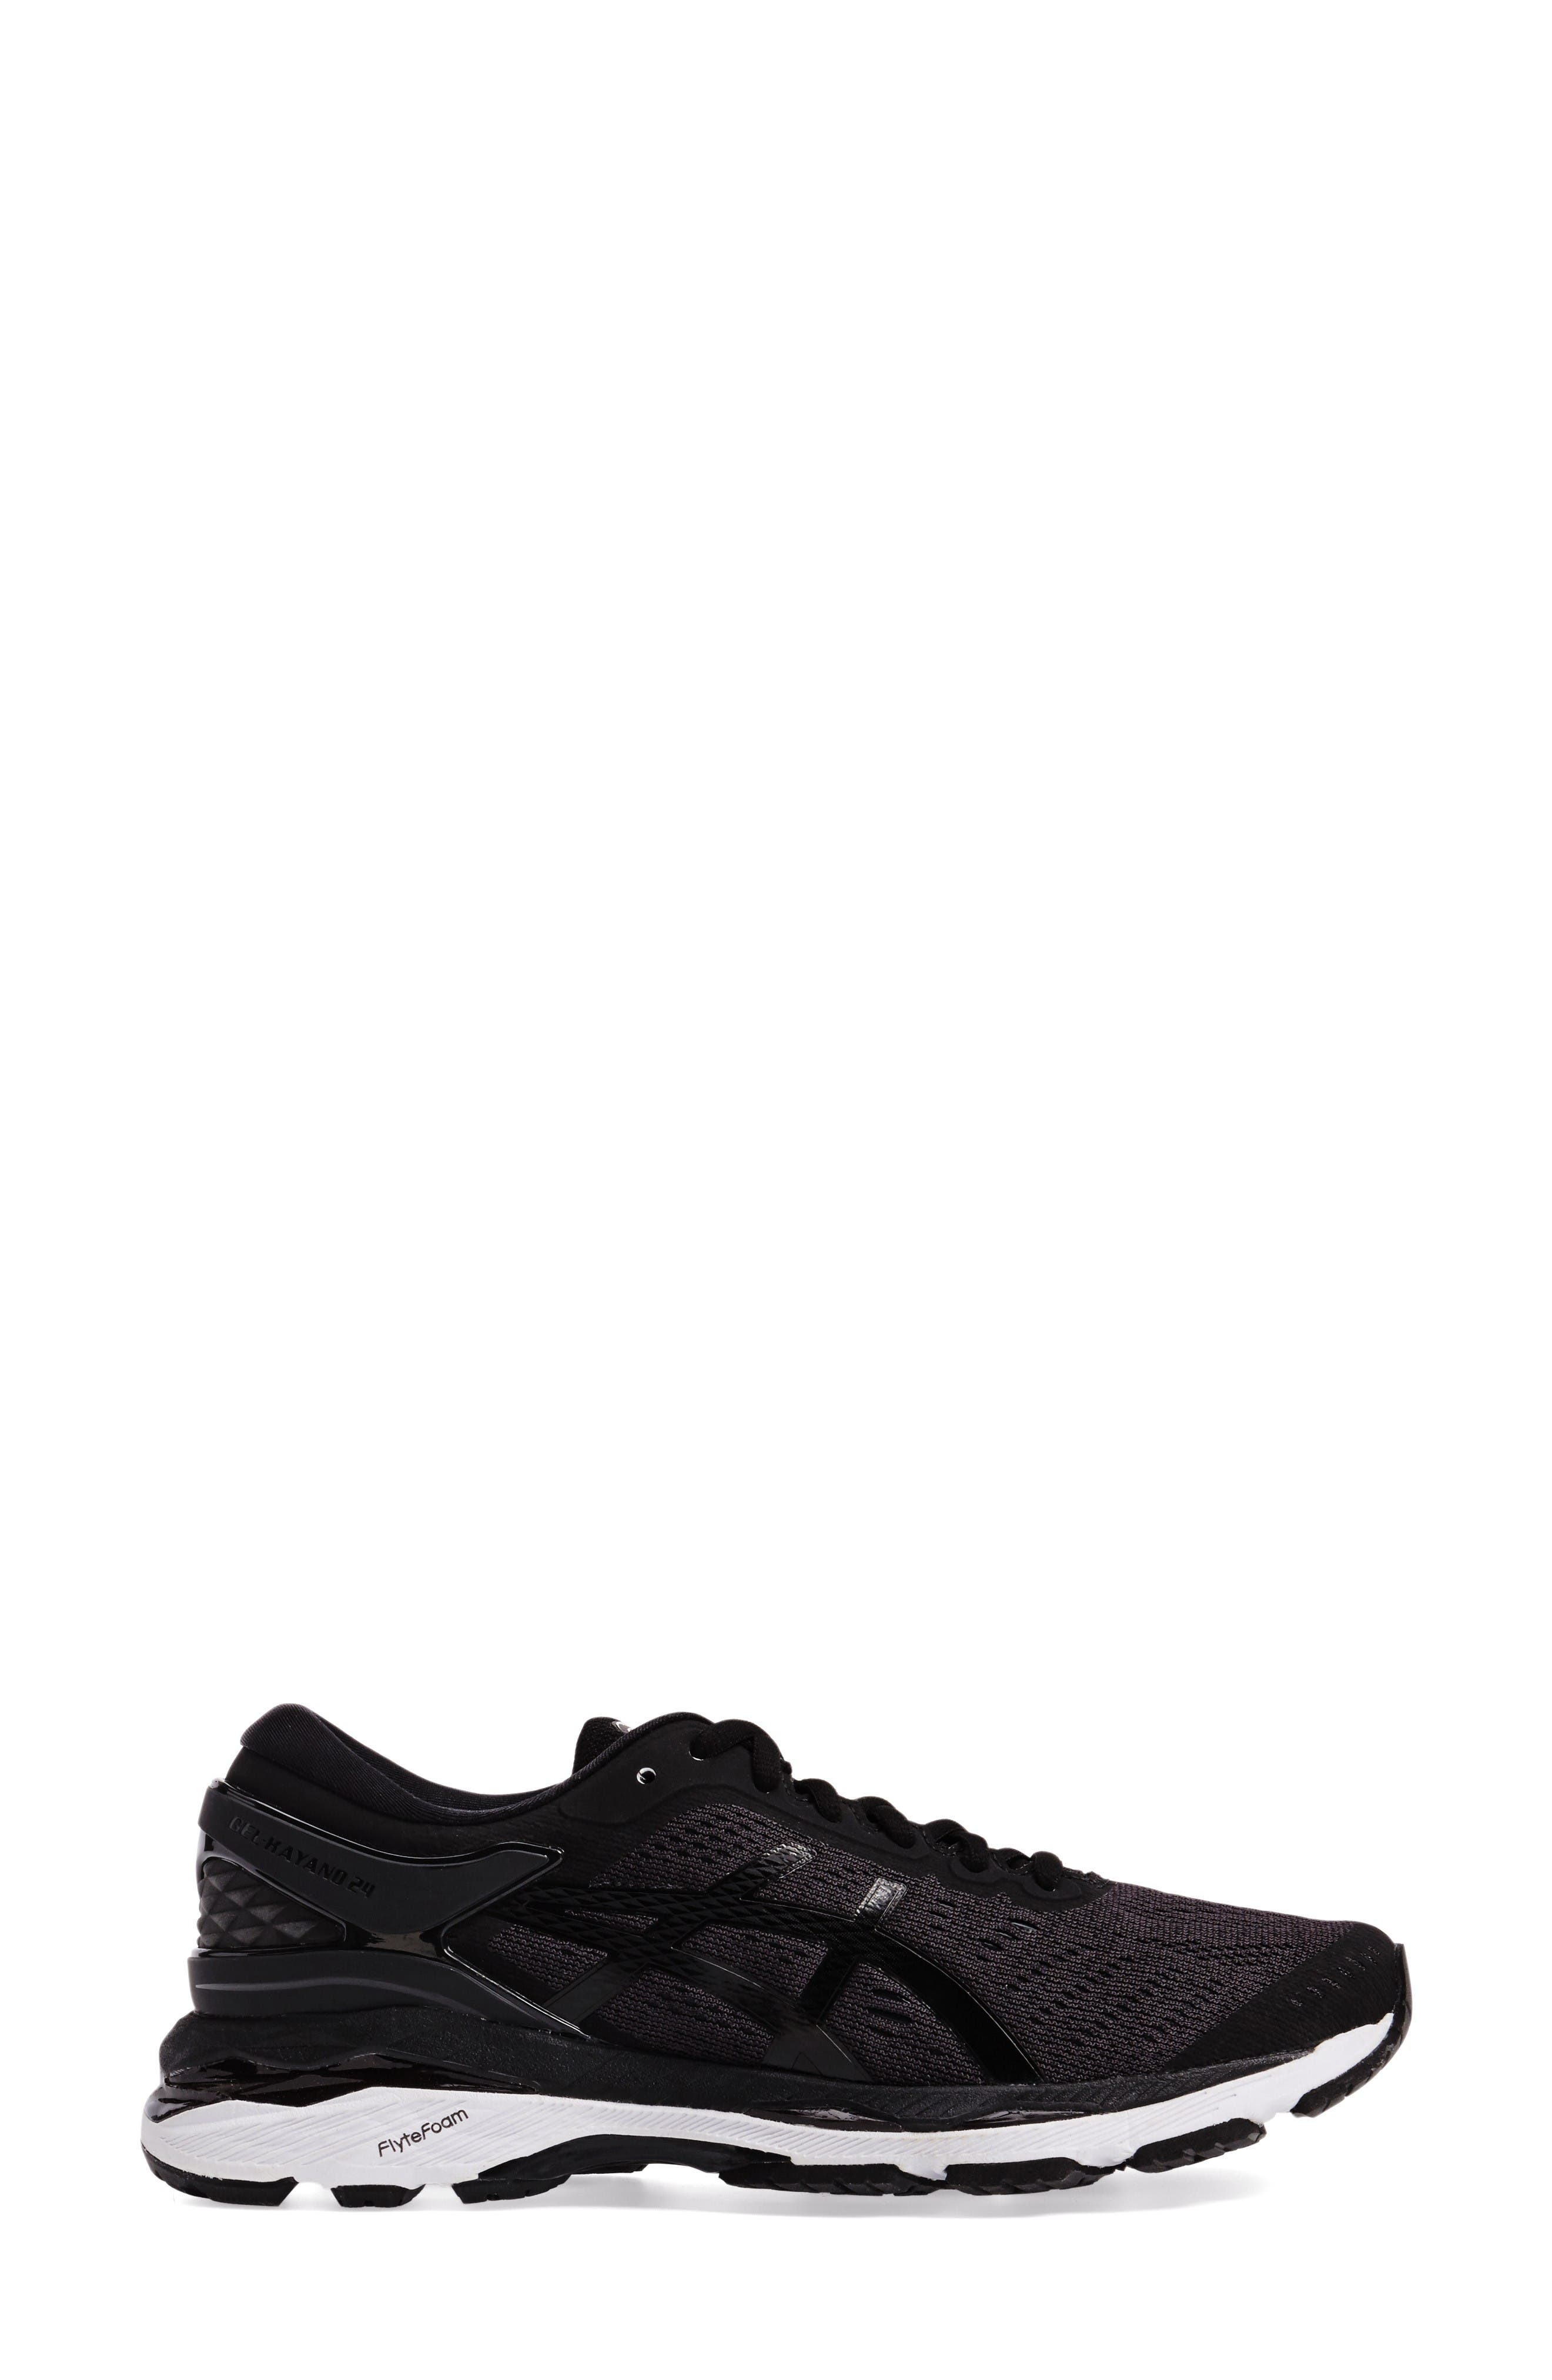 GEL-Kayano<sup>®</sup> 24 Running Shoe,                             Alternate thumbnail 3, color,                             Black/ Phantom/ White